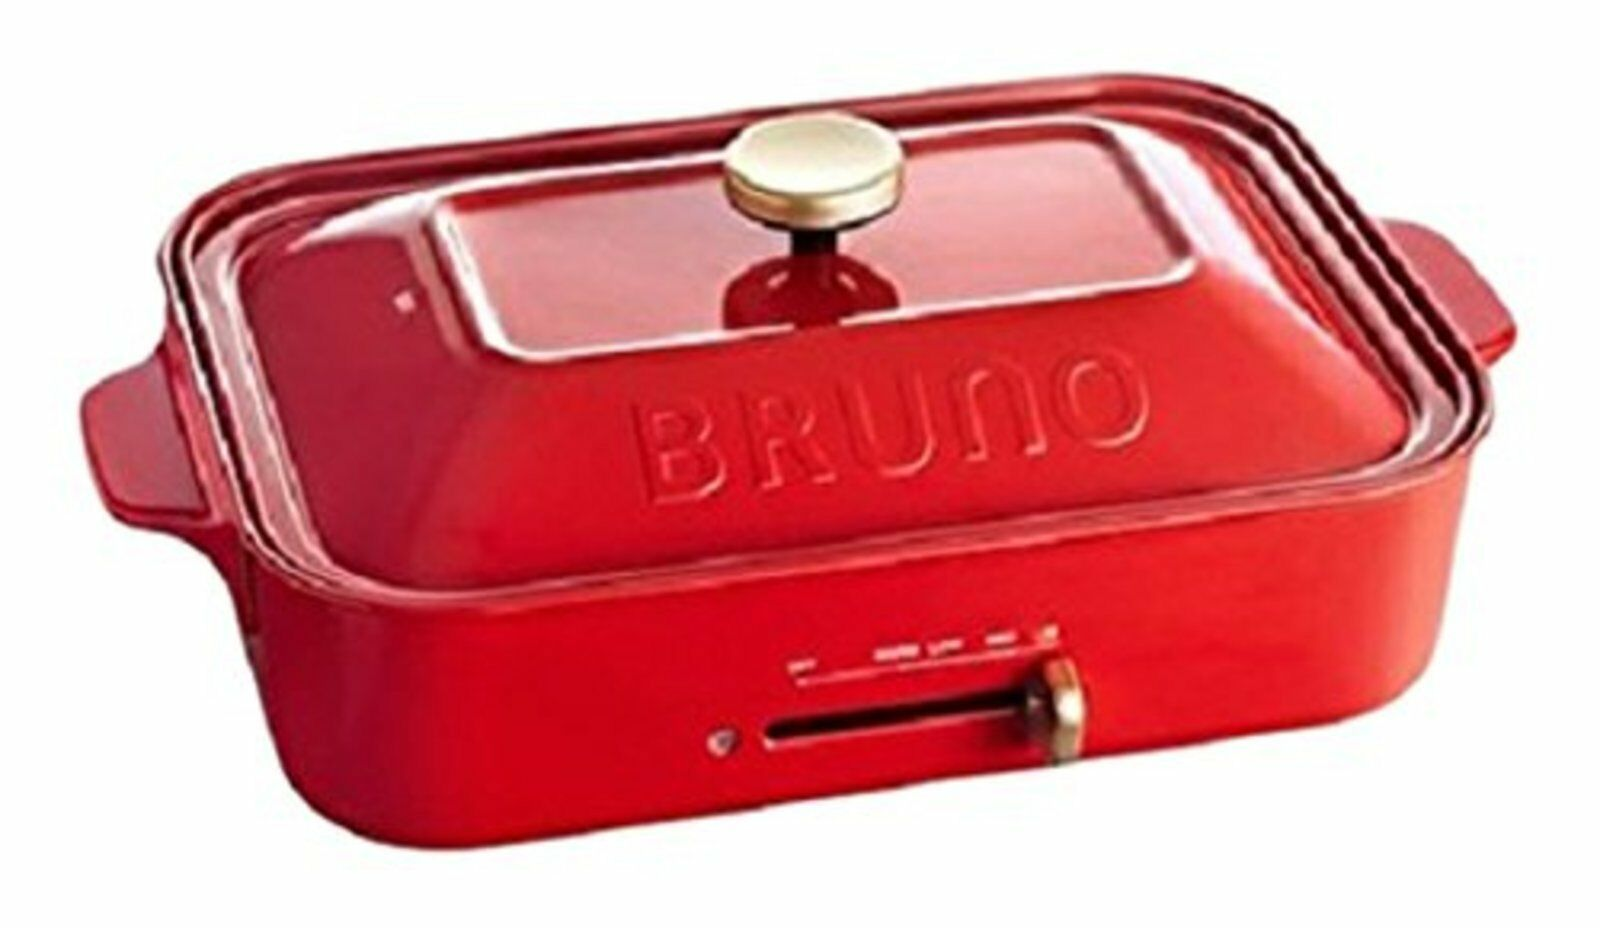 Bruno Compact Plaque Chauffante Rouge Boe021-rd avec Suivi   Neuf Japon